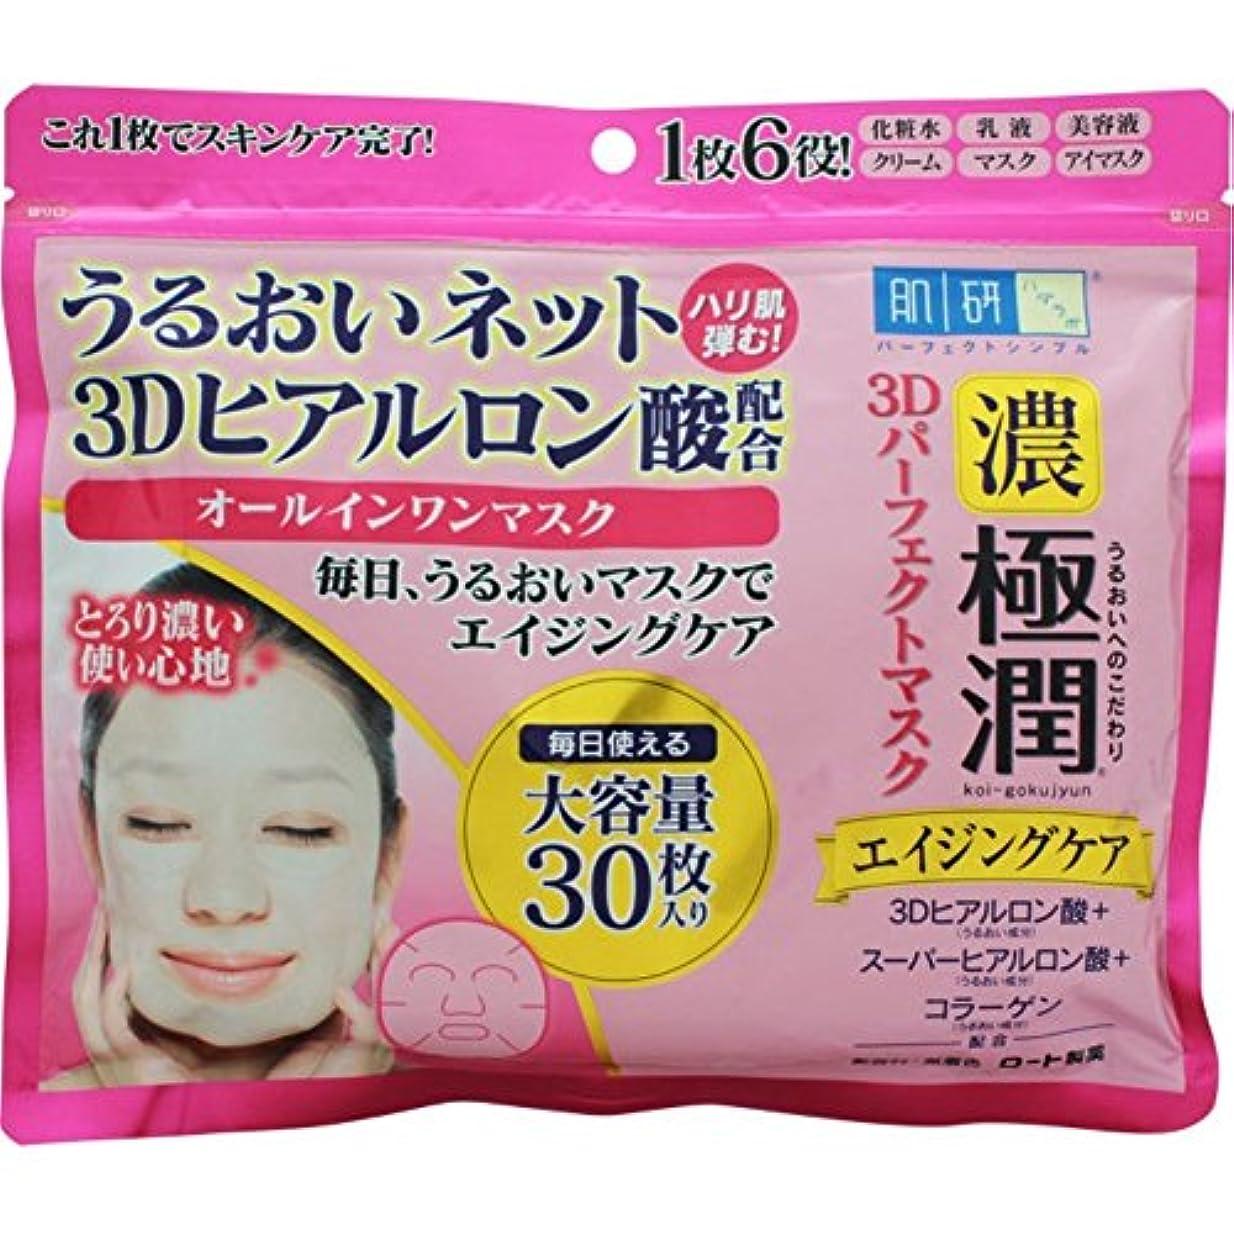 起訴する啓発する新聞肌研(ハダラボ) 極潤 3Dパーフェクトマスク 30枚 (350mL)